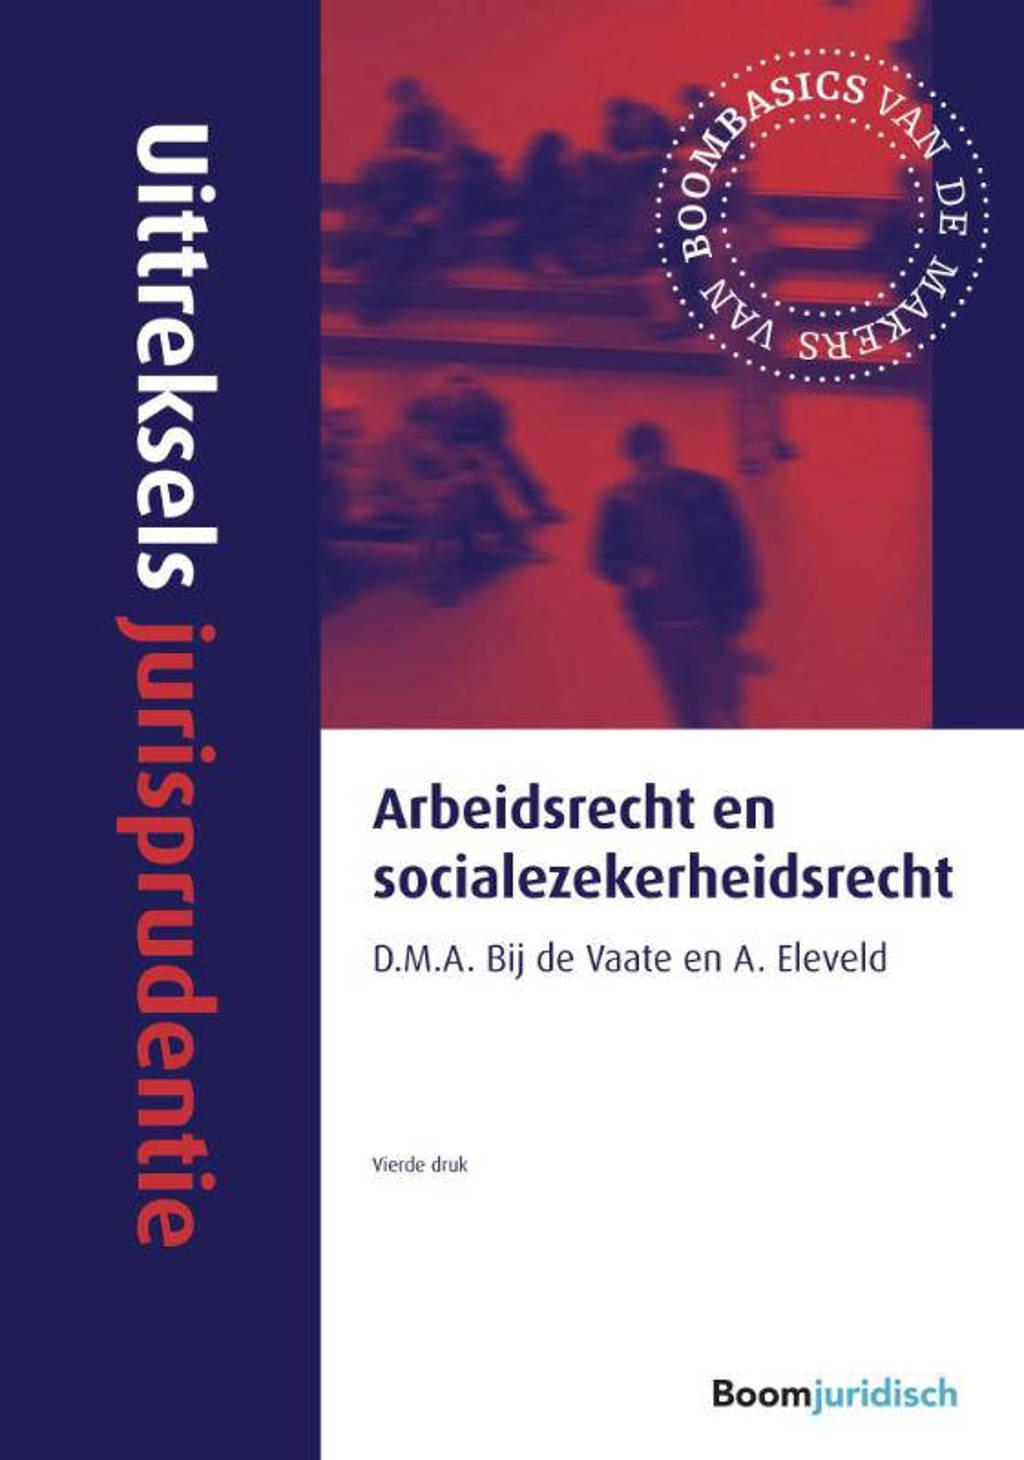 Uittreksels jurisprudentie: Arbeidsrecht en socialezekerheidsrecht - D.M.A. bij de Vaate en A. Eleveld